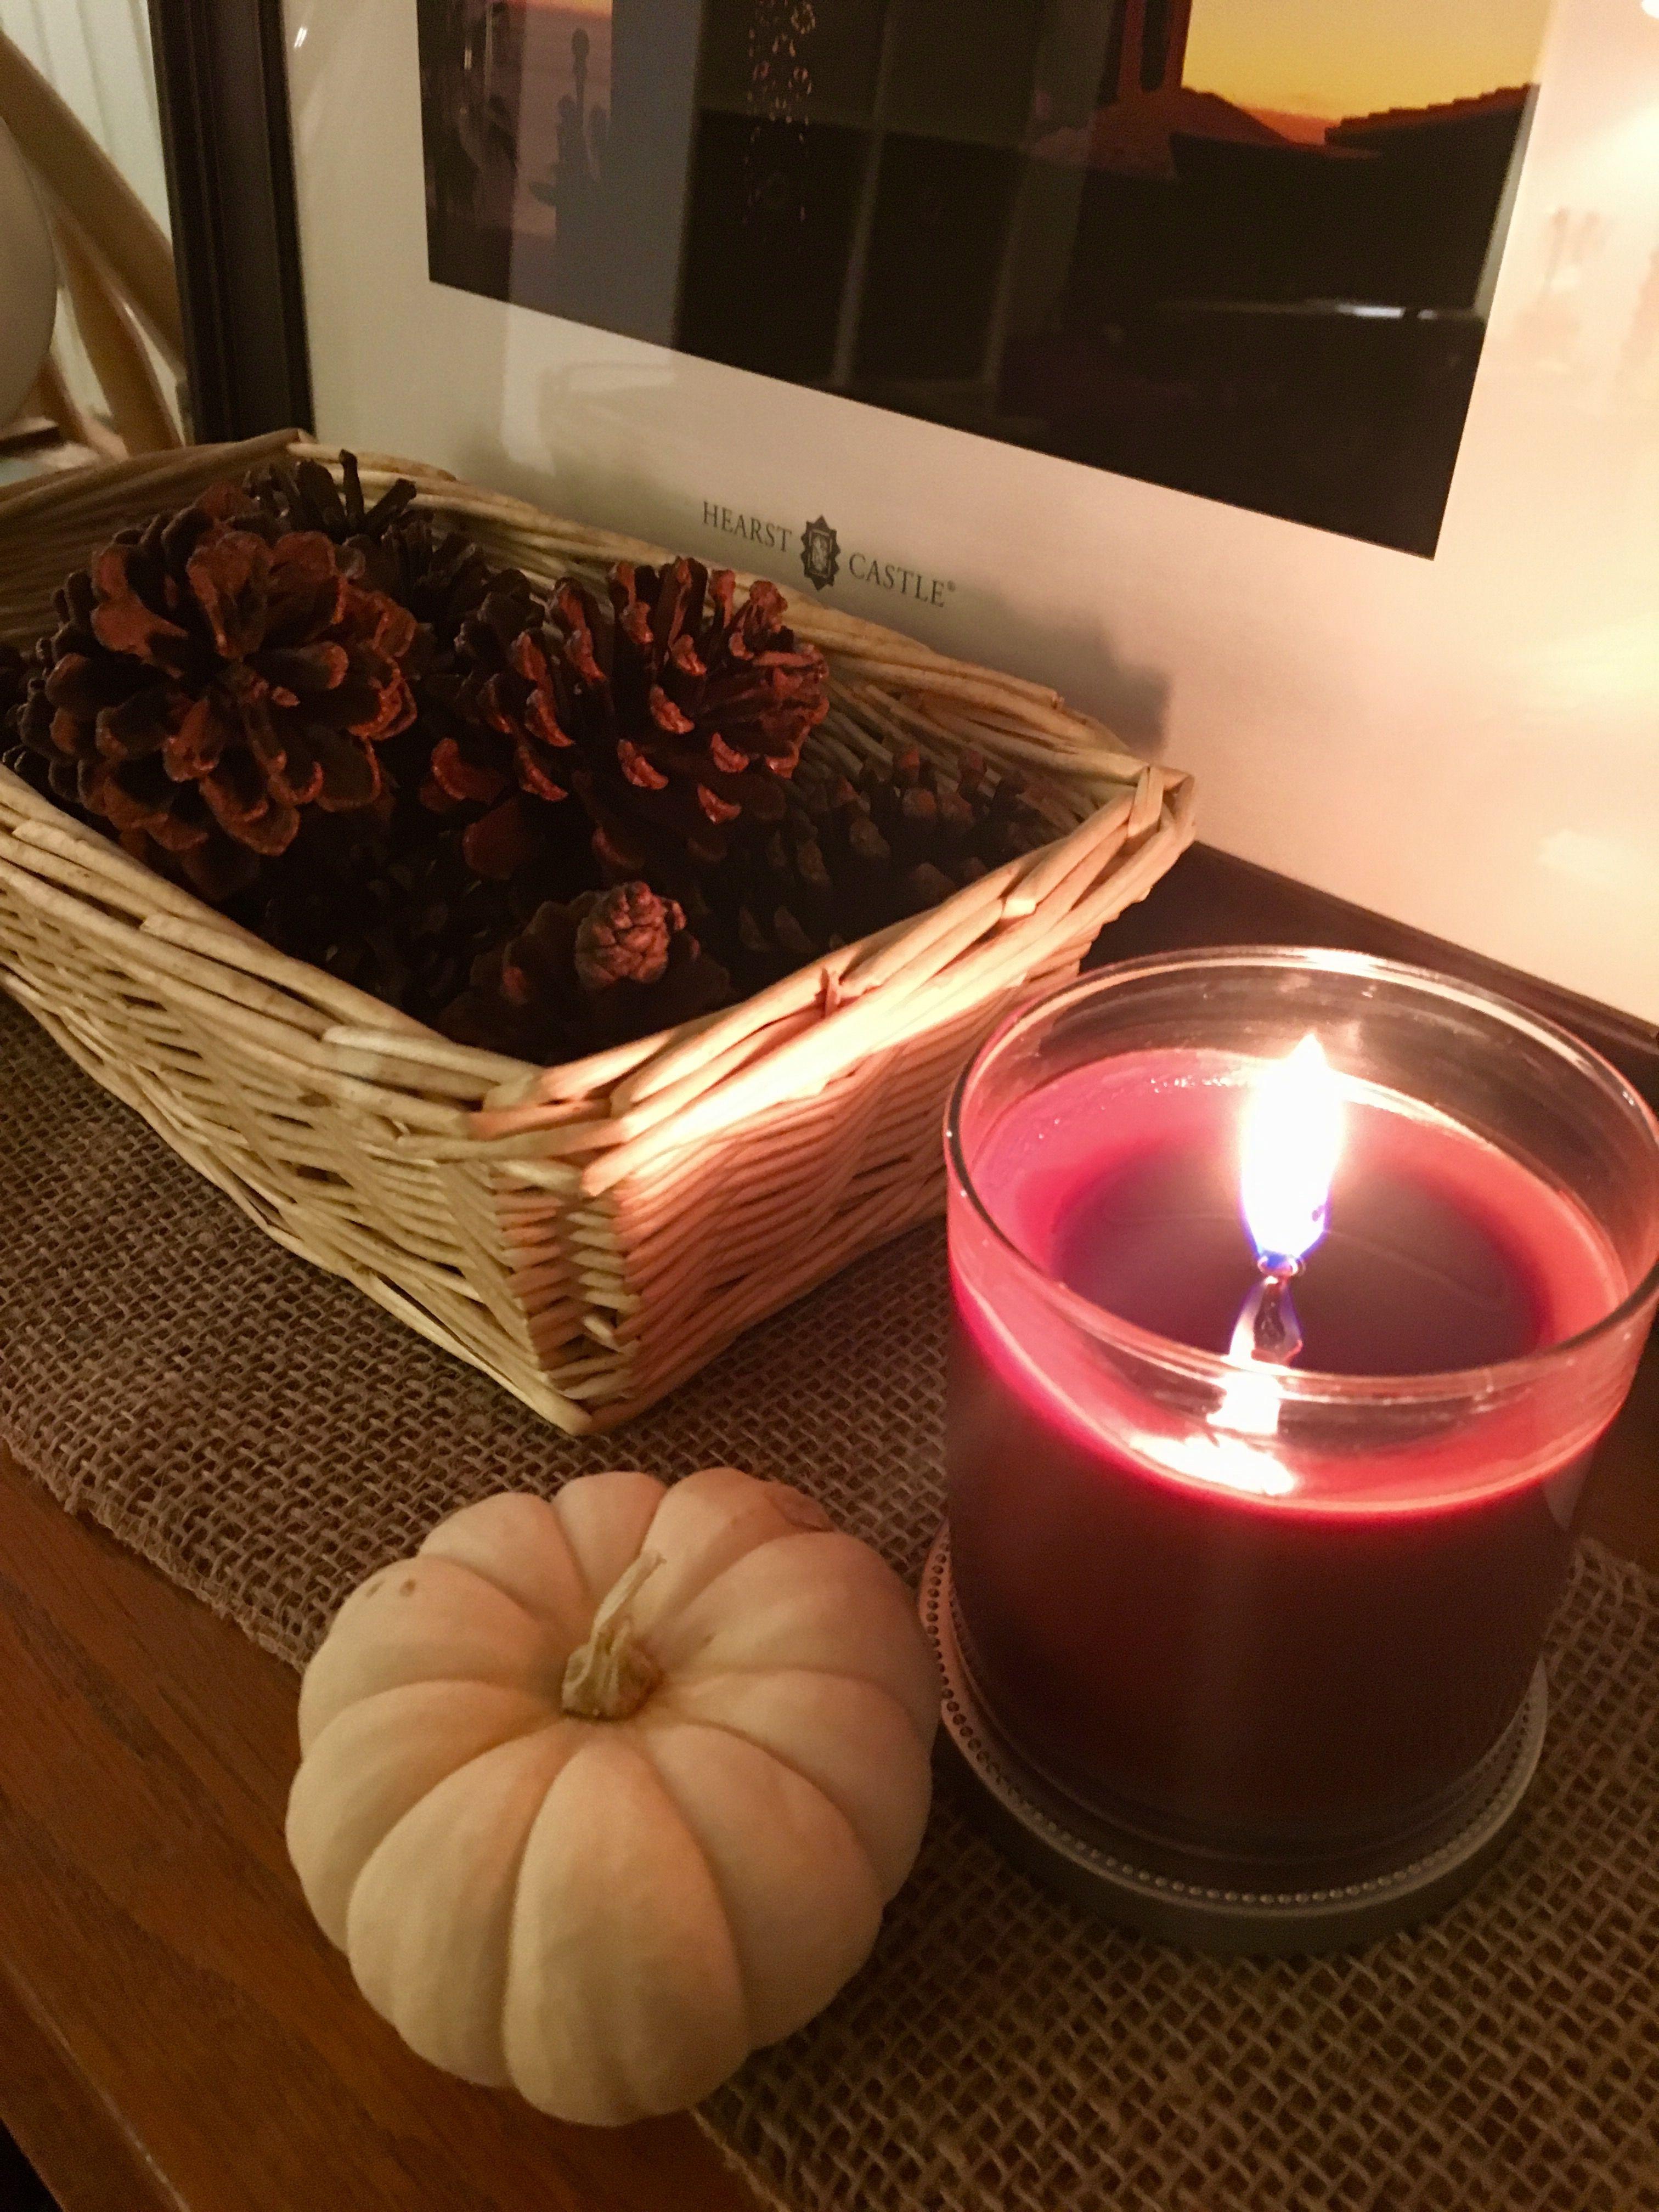 Autumn home decor...pumpkins, pine cones, burlap & harvest spice candle...simply delicious!